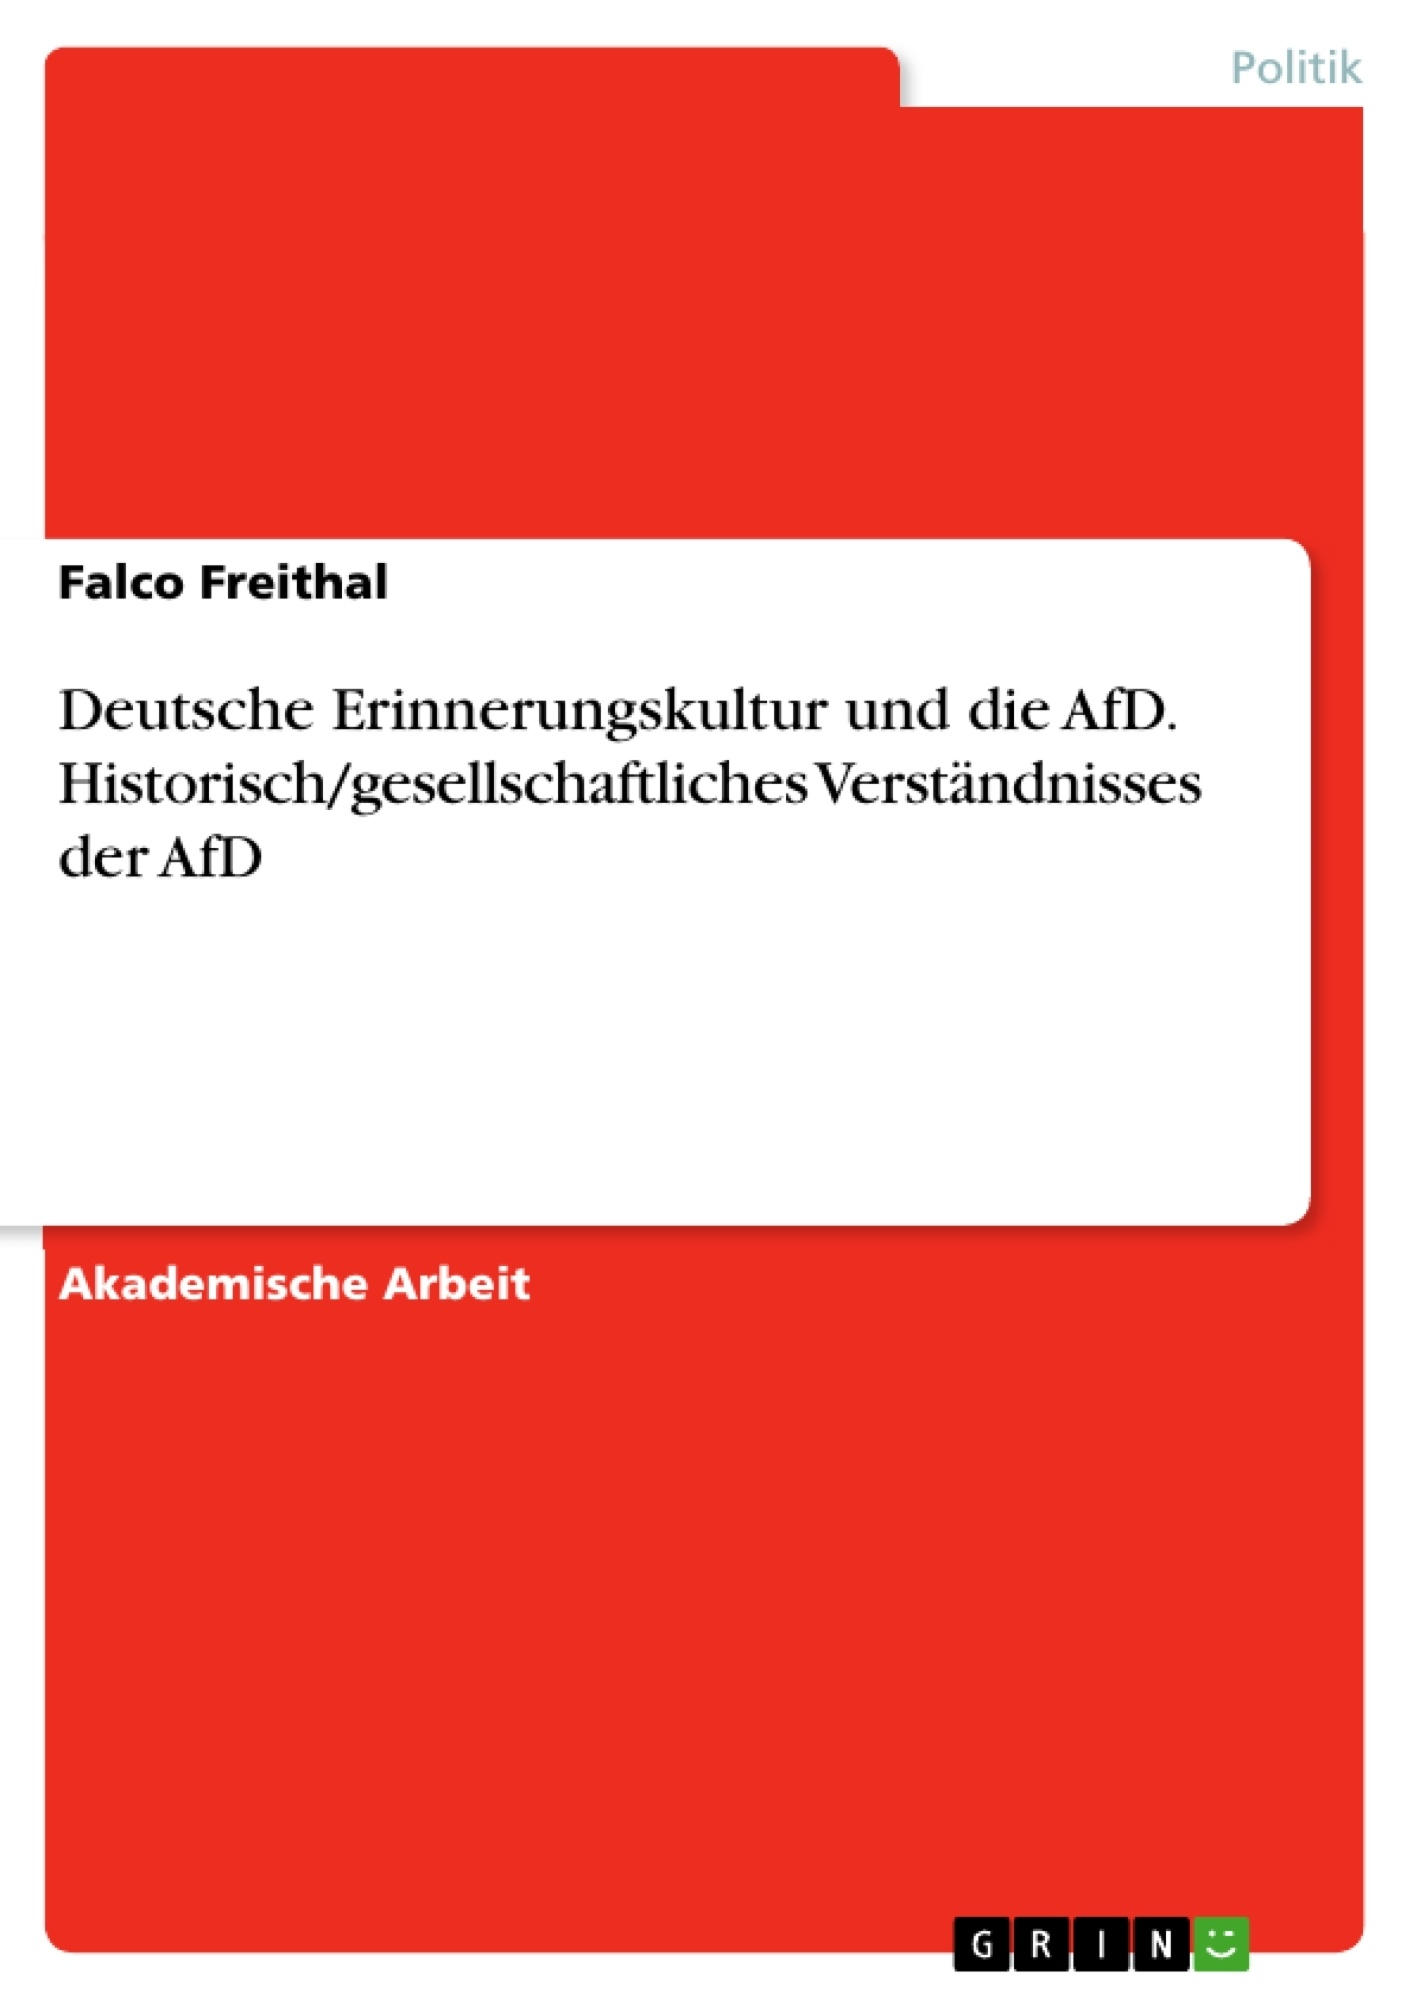 Titel: Deutsche Erinnerungskultur und die AfD. Historisch/gesellschaftliches Verständnisses der AfD